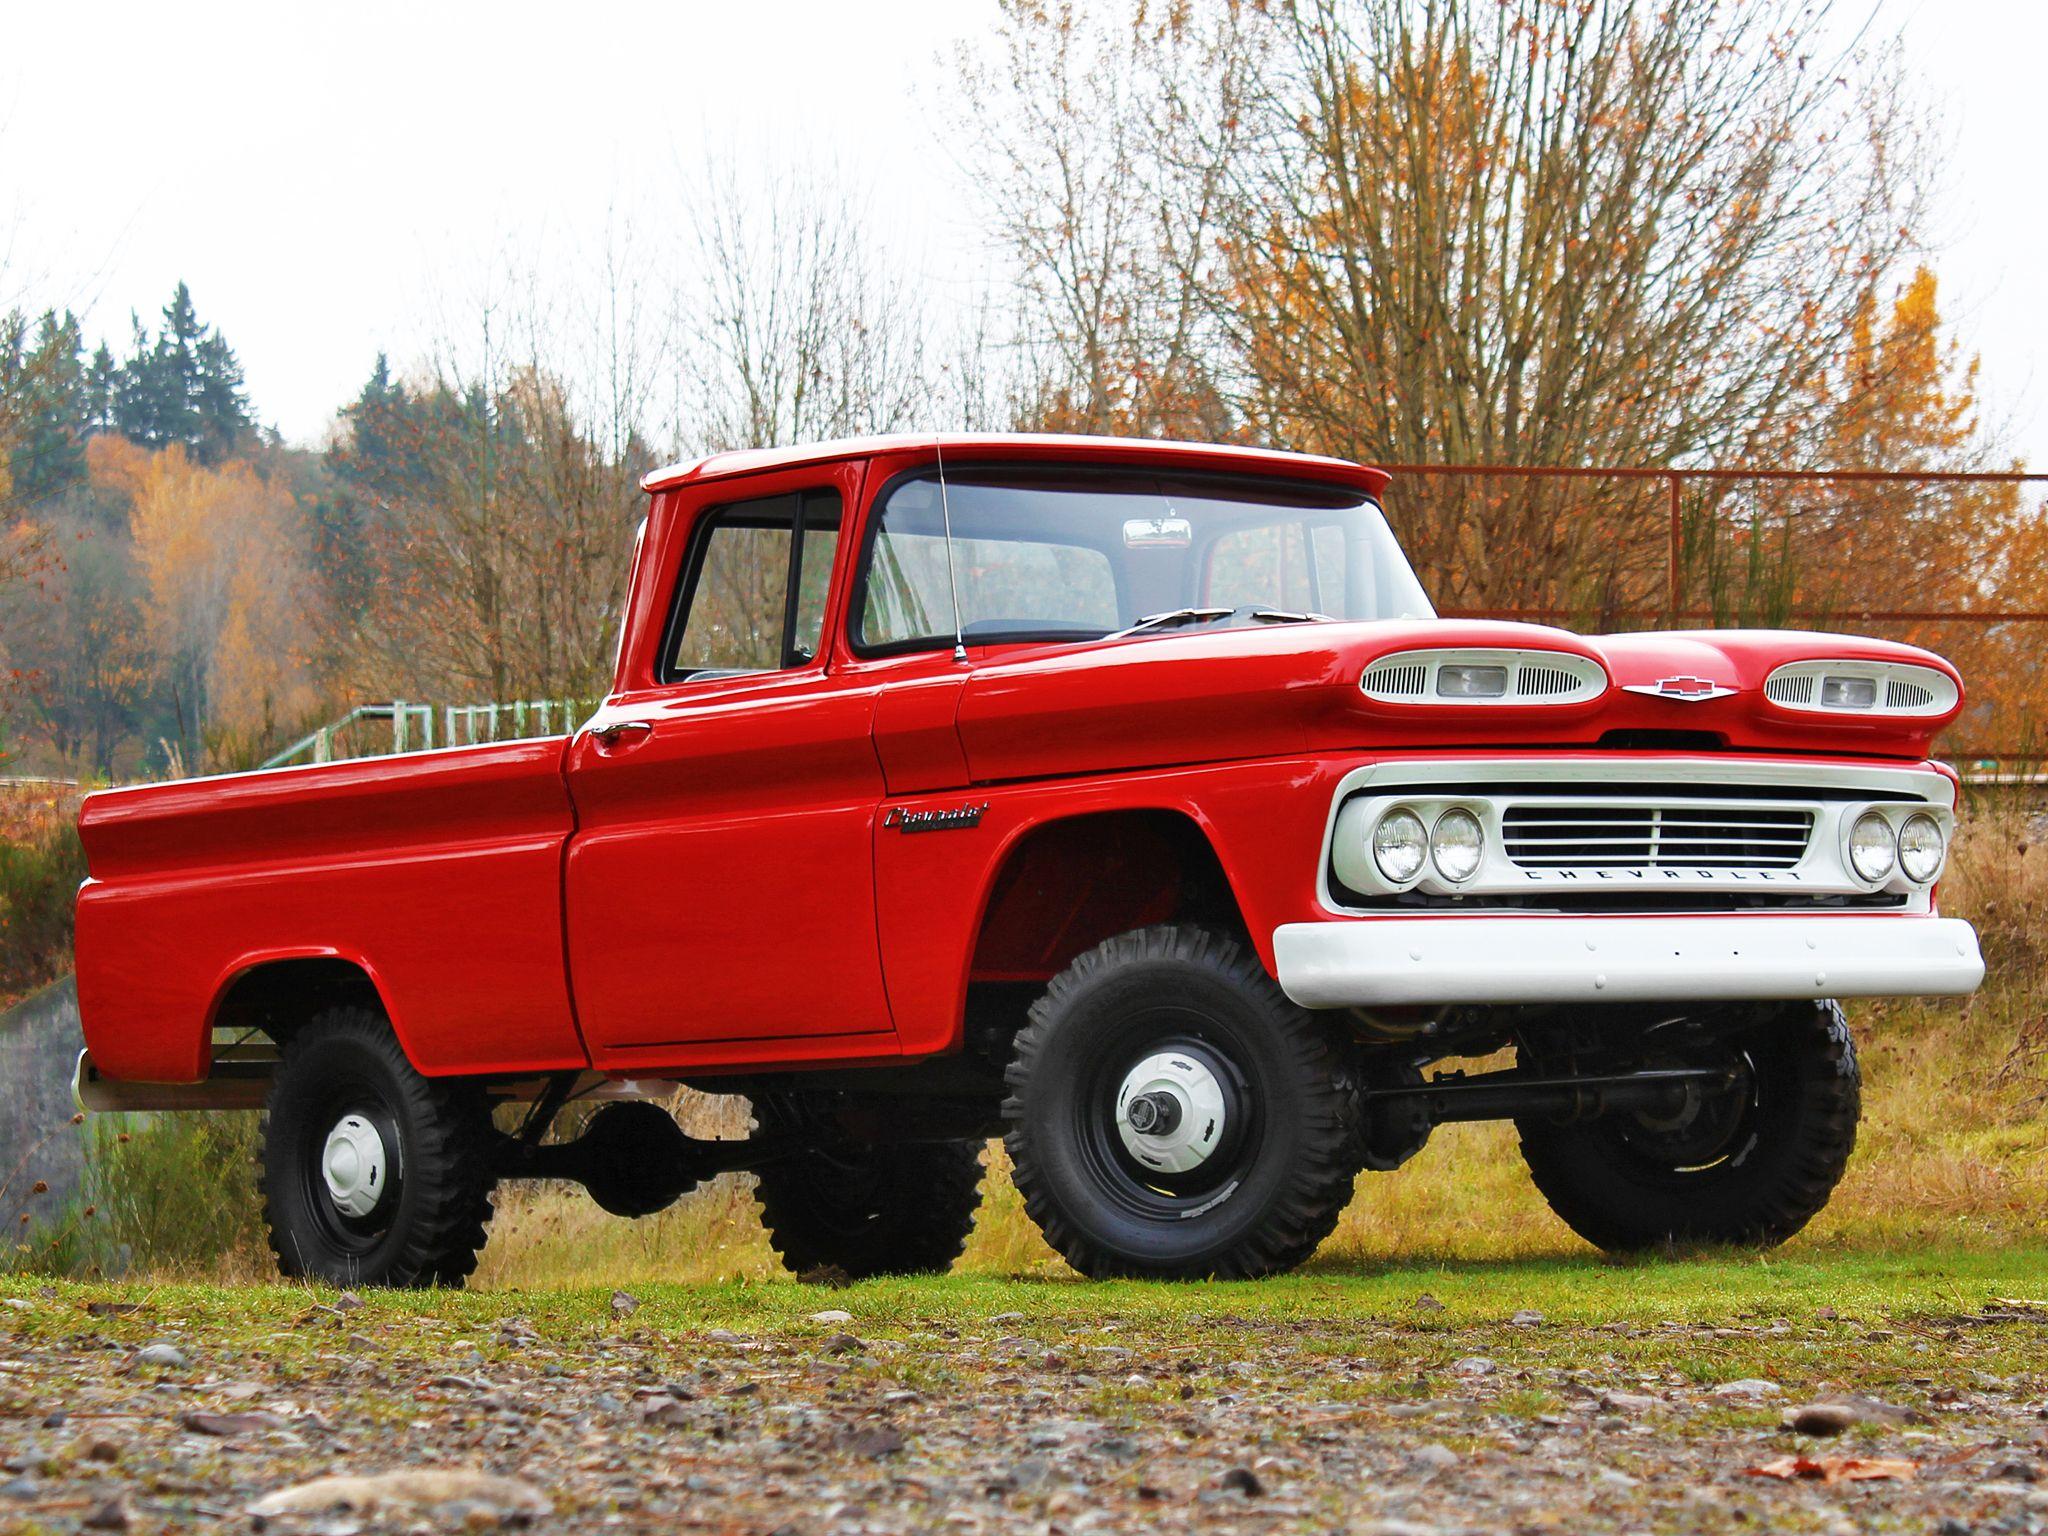 1960 Chevrolet Apache 10 Fleetside Pickup Chevy Trucks Gmc Trucks Trucks